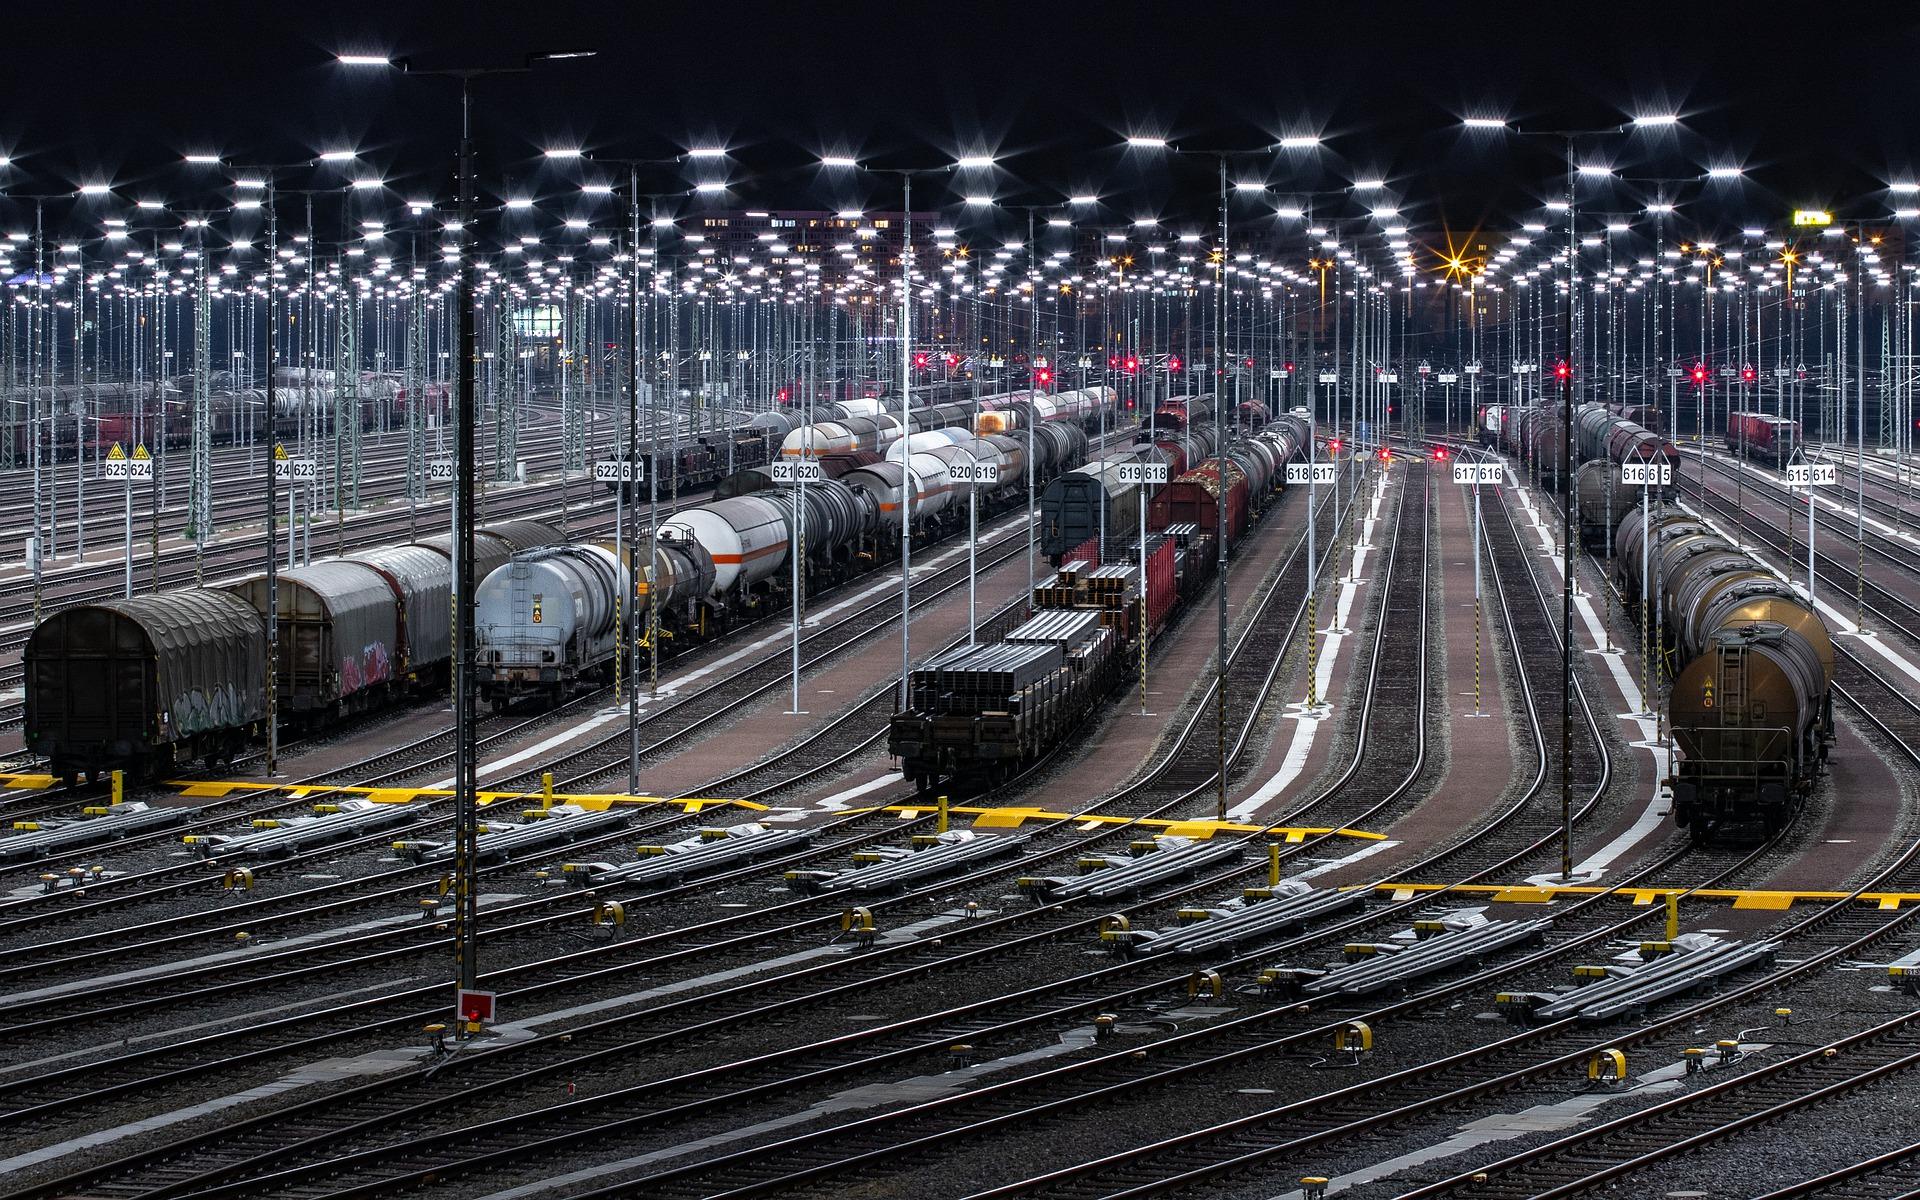 traukiniai prekybos analizė ir informacinė sistema)